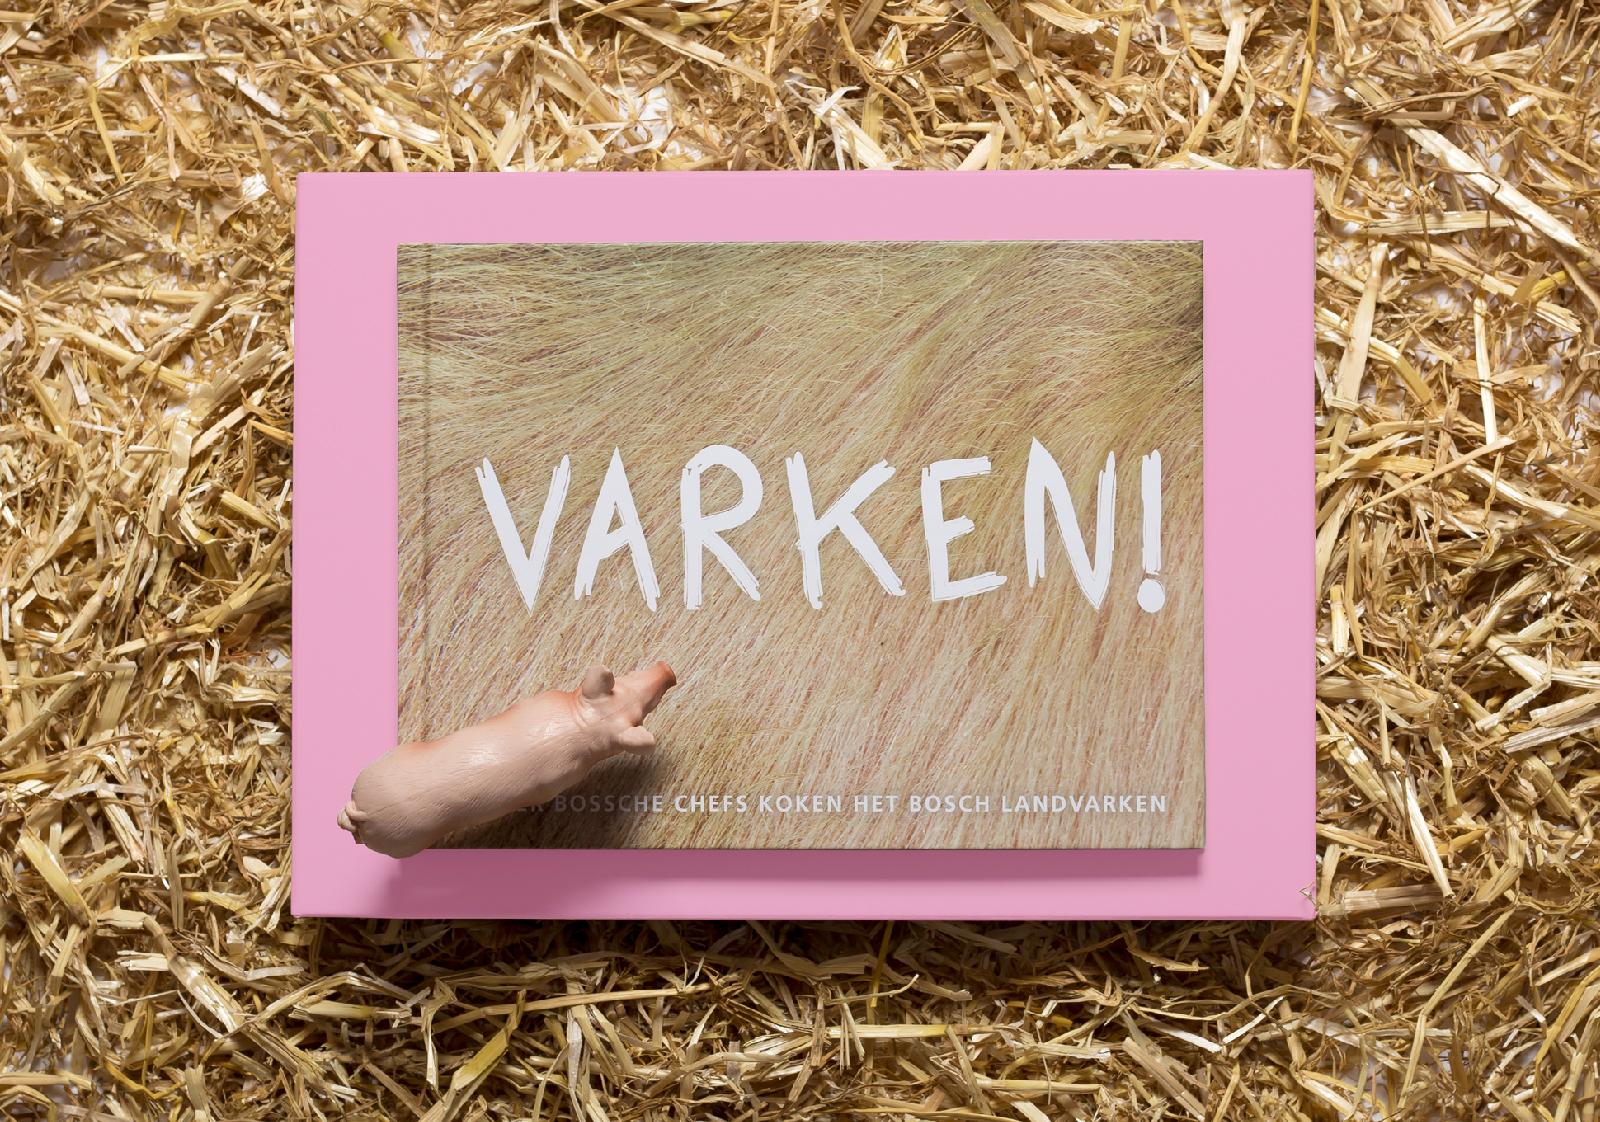 Varken_11B@1